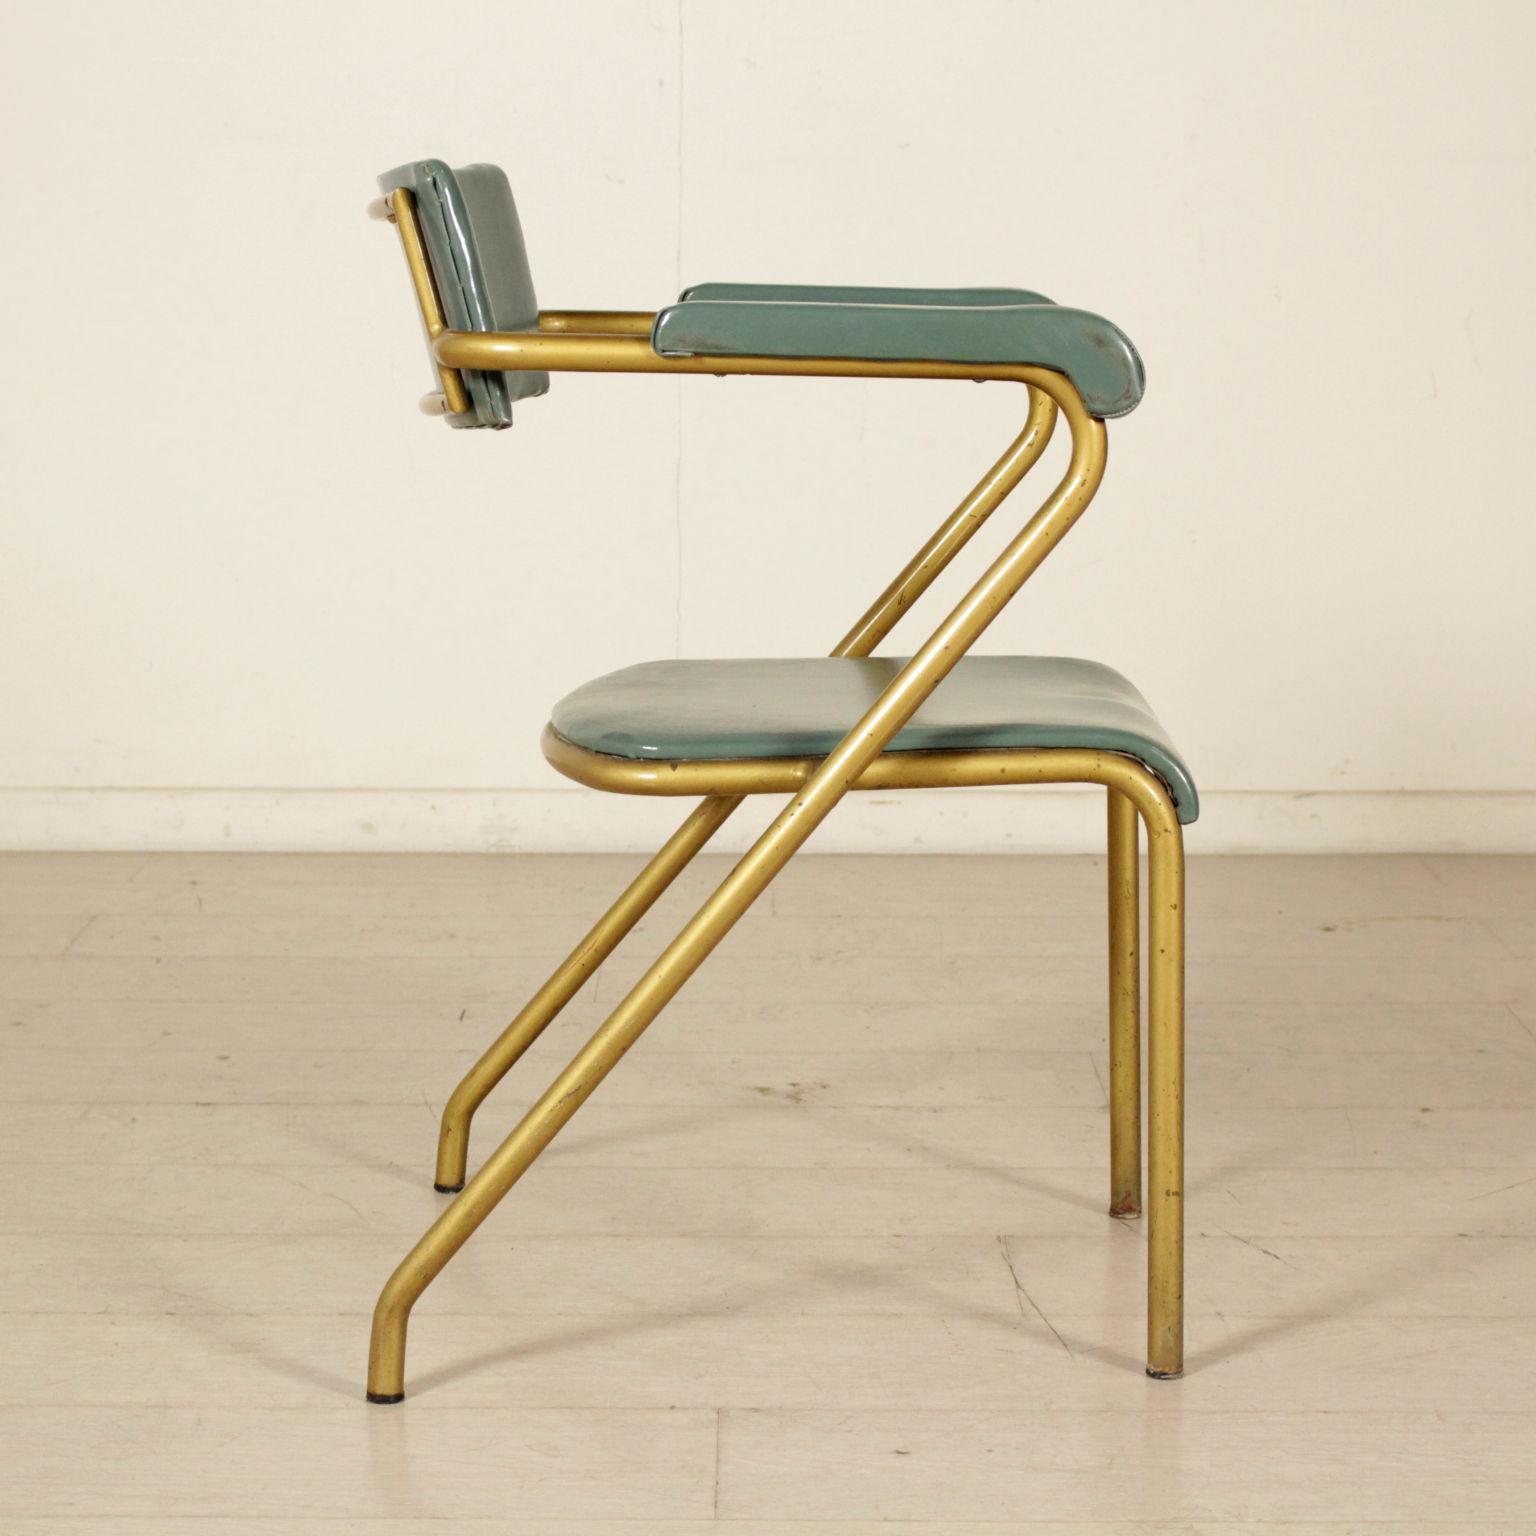 Silla de a os 50 60 sillas dise o moderno - Sillas anos 60 ...